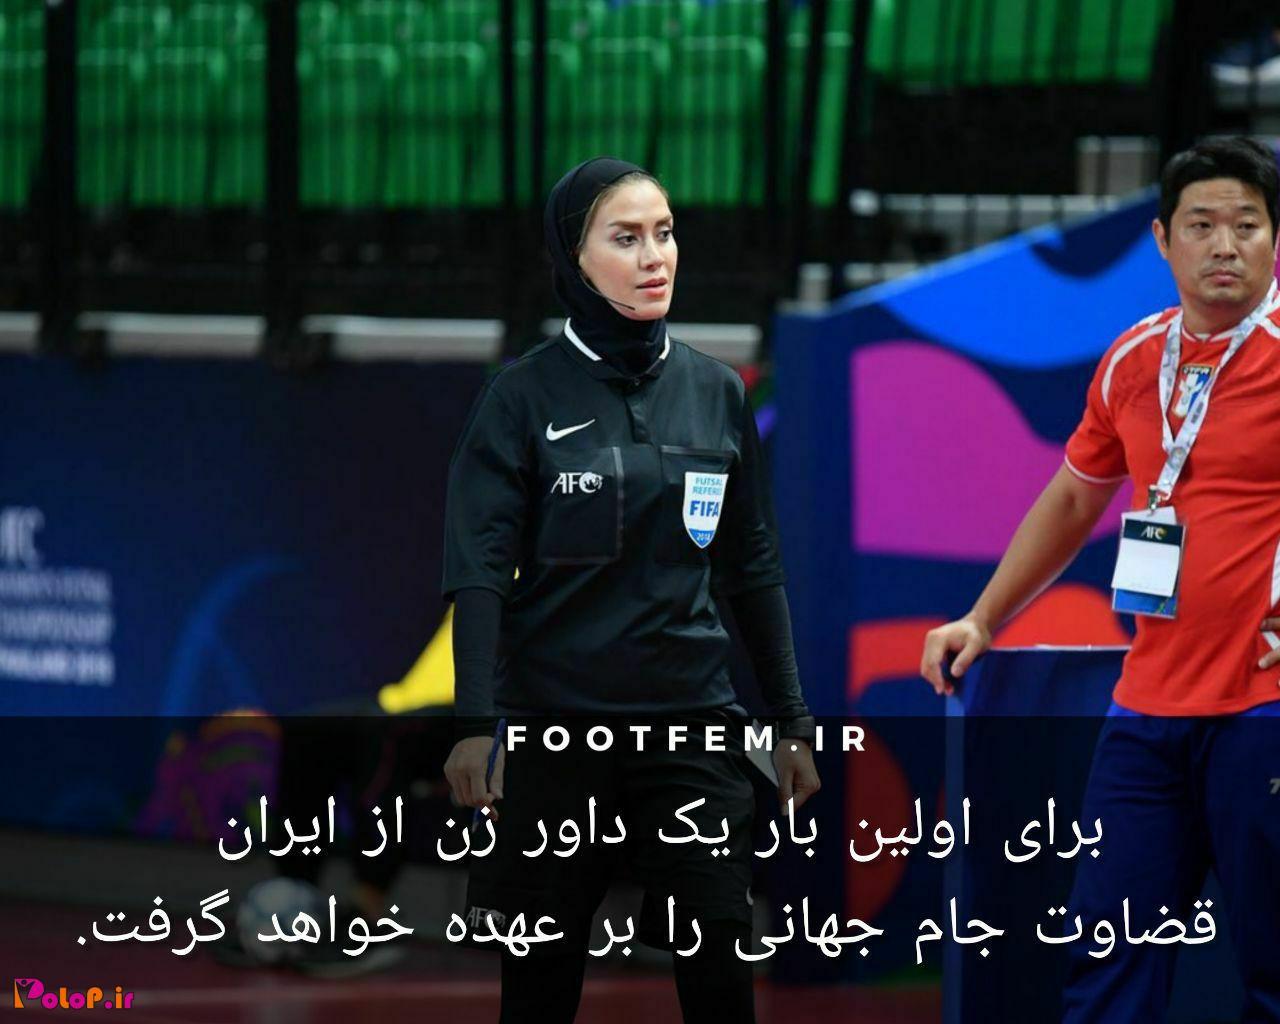 برای اولین بار یک داور زن از ایران قضاوت جام جهانی را بر عهده خواهد گرفت